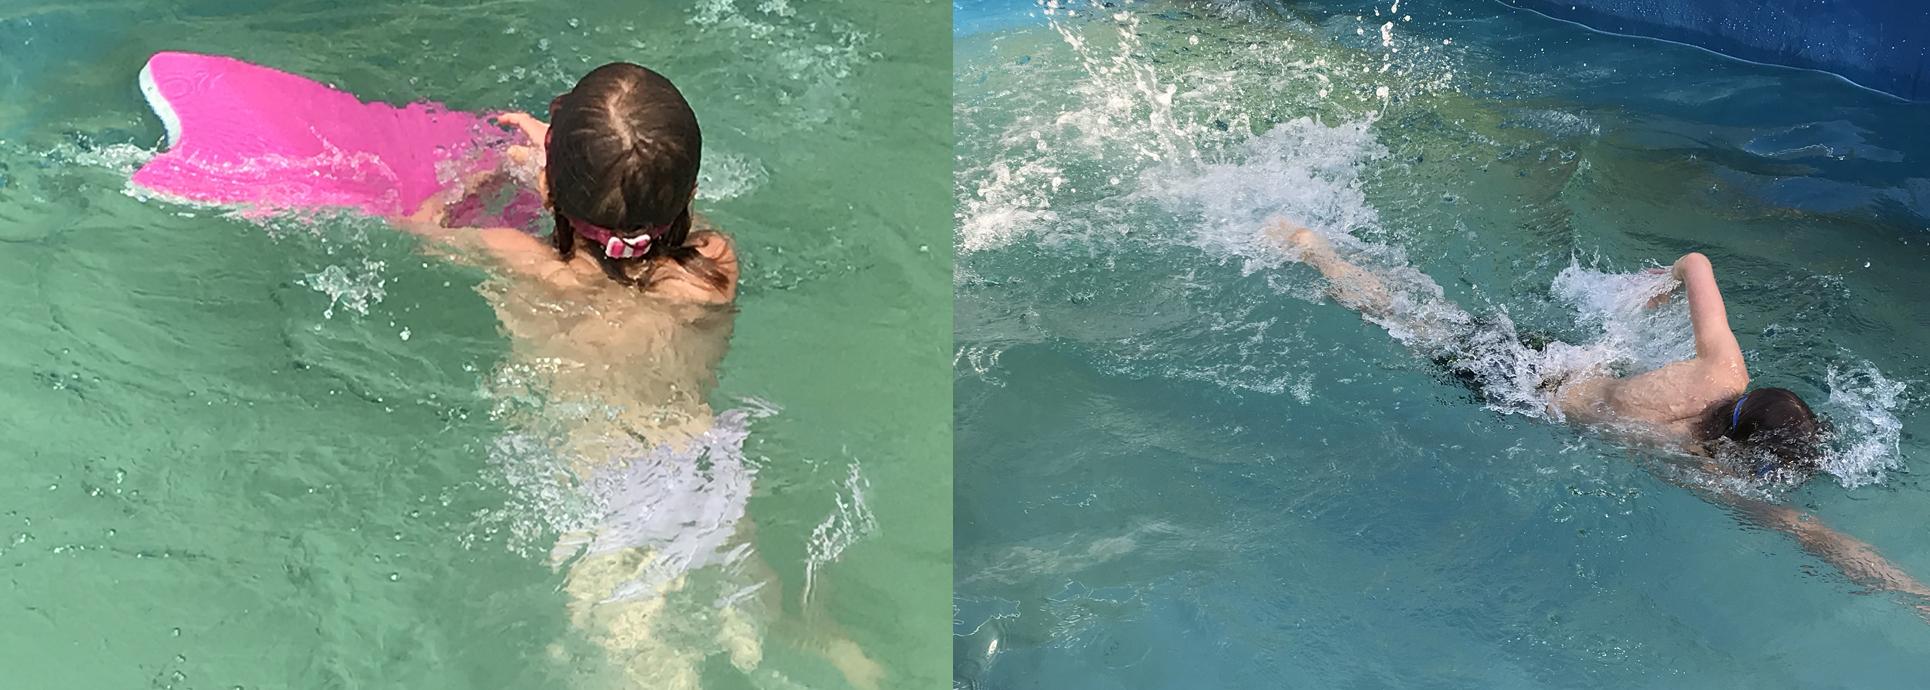 lekcje pływania dla dzieci Włochy i Ochota